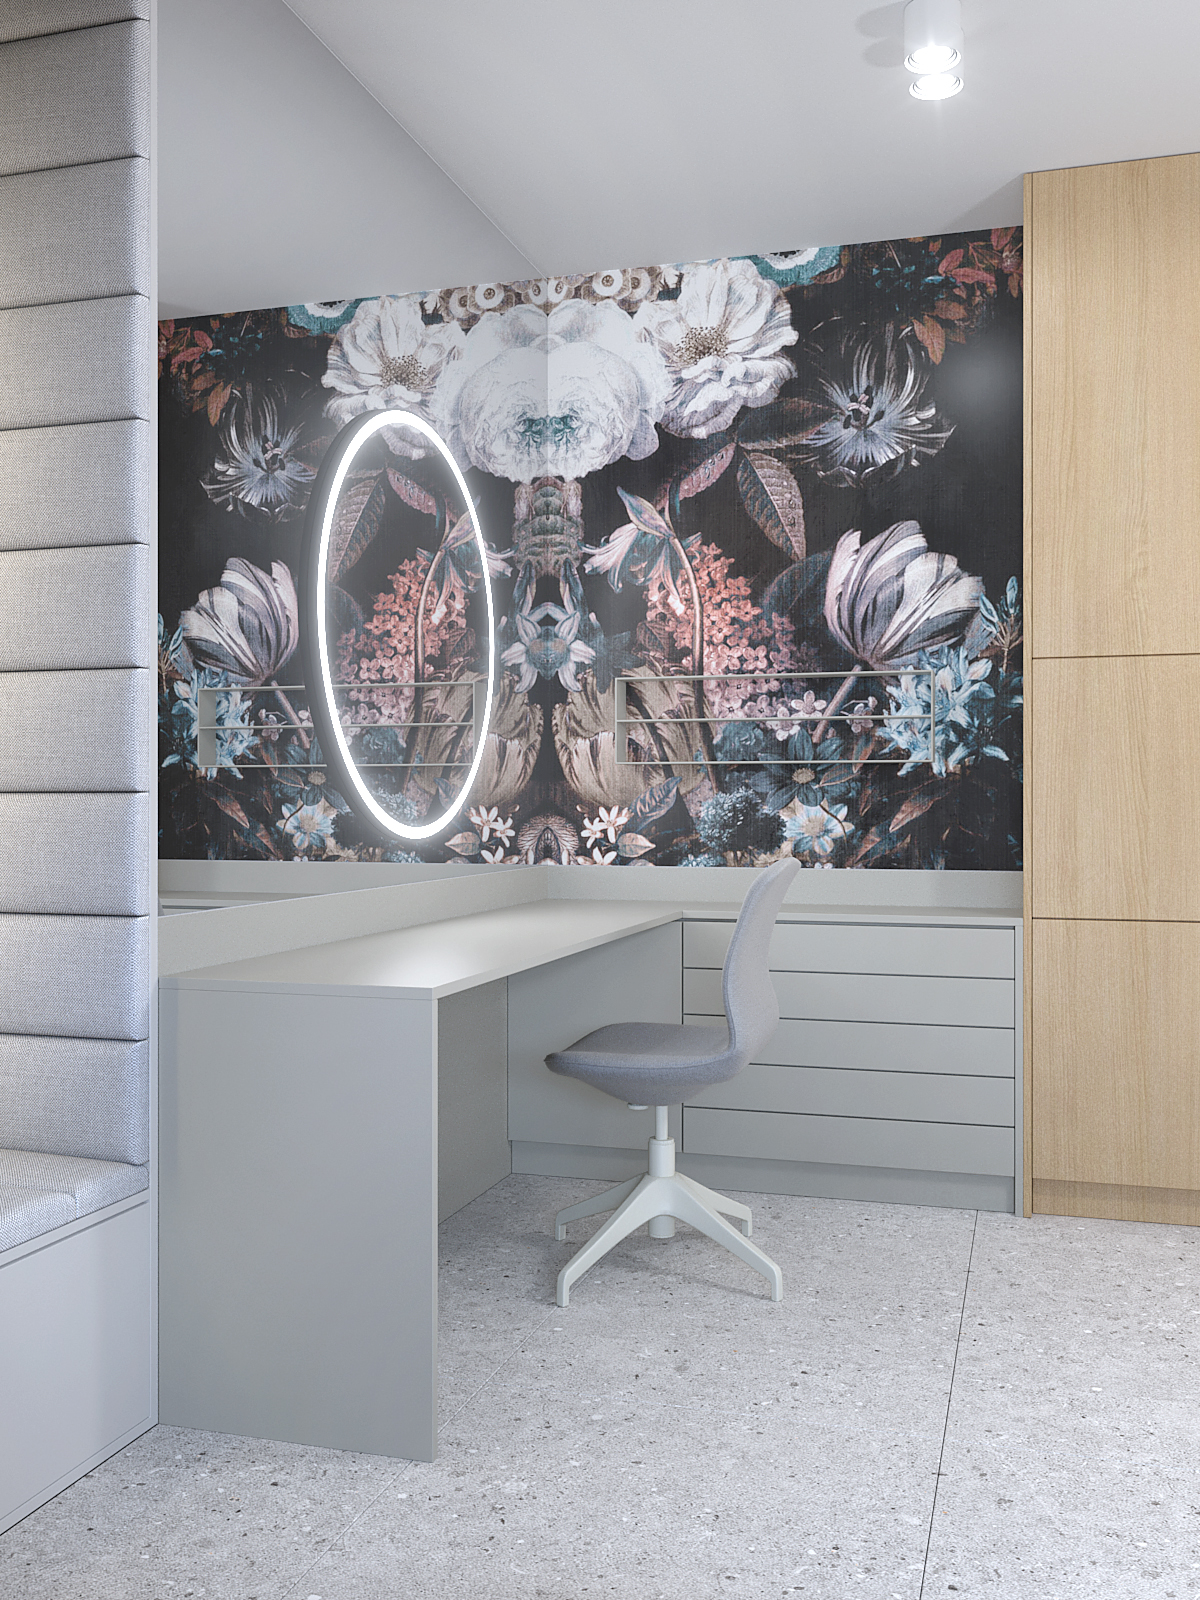 4 projektant wnetrz D423 poddasze Myslowice toaletka lustro led tapeta w kwiaty